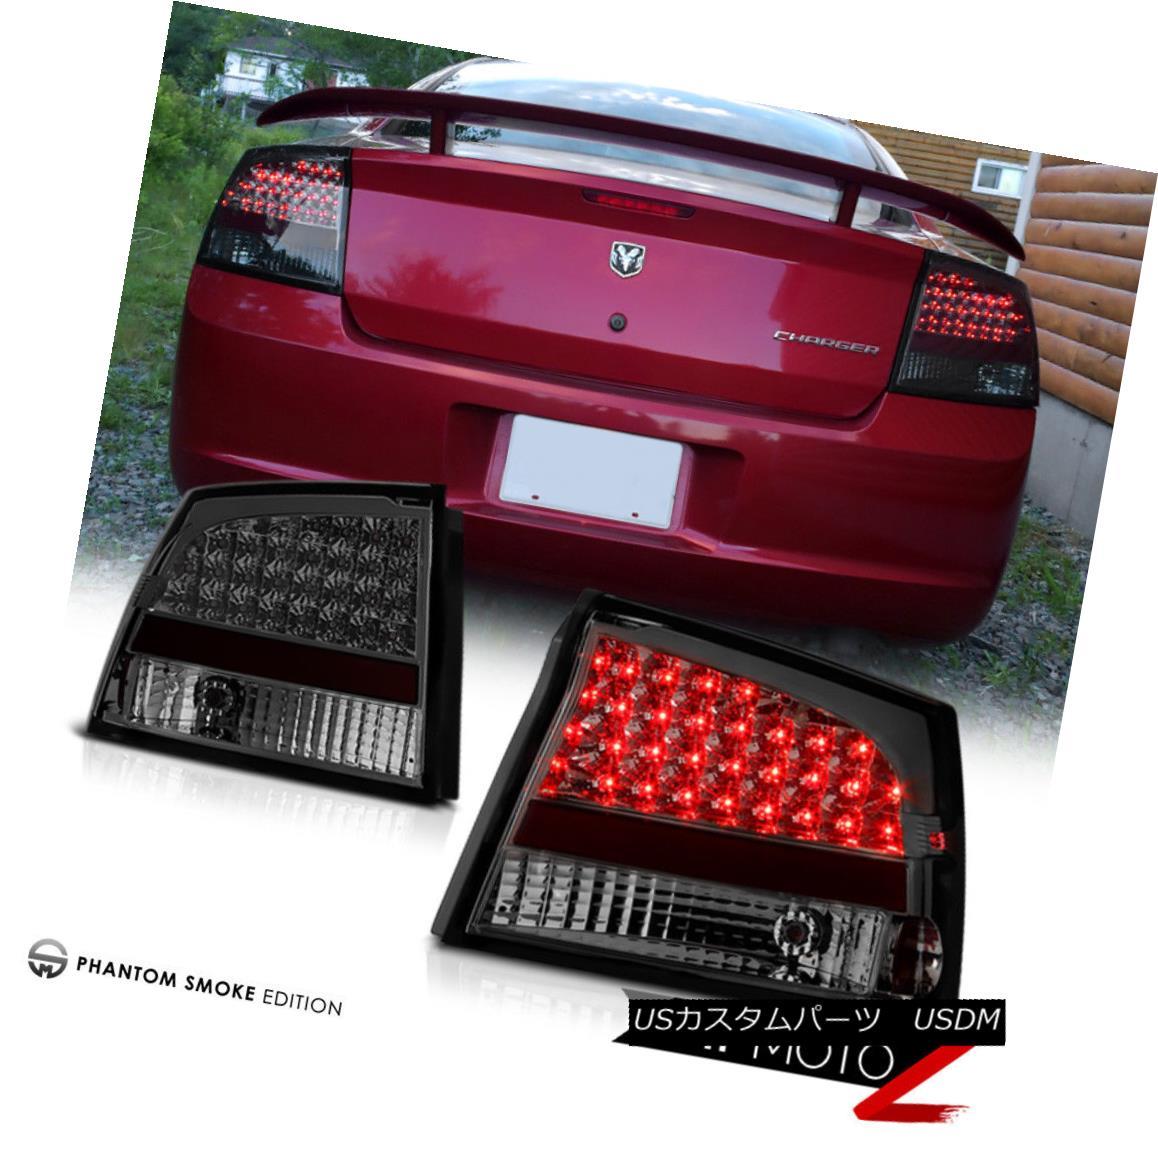 テールライト 2009-10 Dodge Charger SXT/RT/SE/SRT8 Smoke LED Tail Light Brake Lamps Left+Right 2009-10ダッジチャージャーSXT / RT / SE / SRT8スモークLEDテールライトブレーキランプ左+右